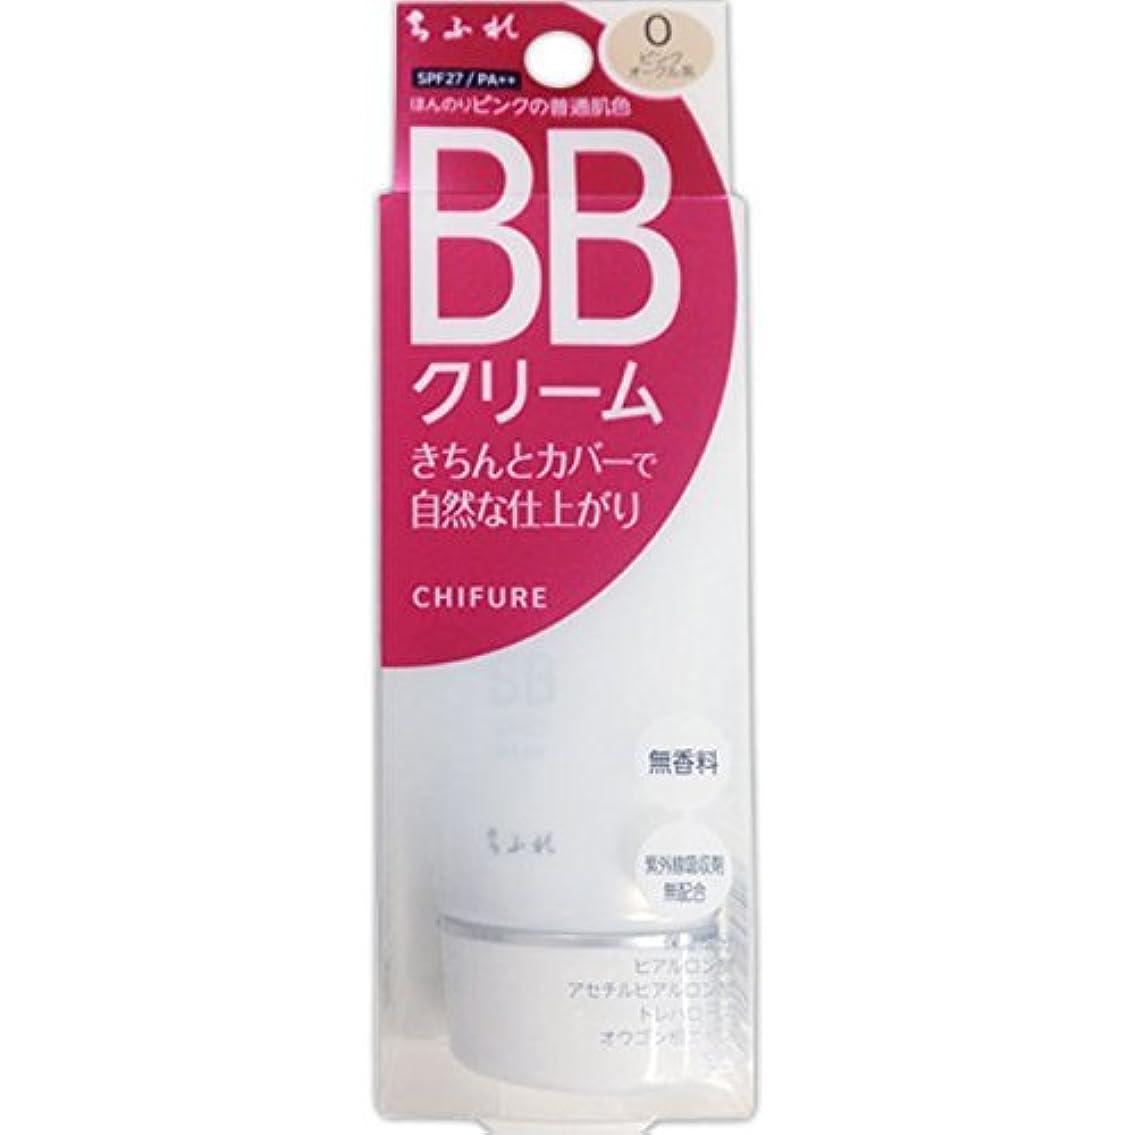 初期宿る傷つきやすいちふれ化粧品 BB クリーム ほんのりピンクの普通肌色 0